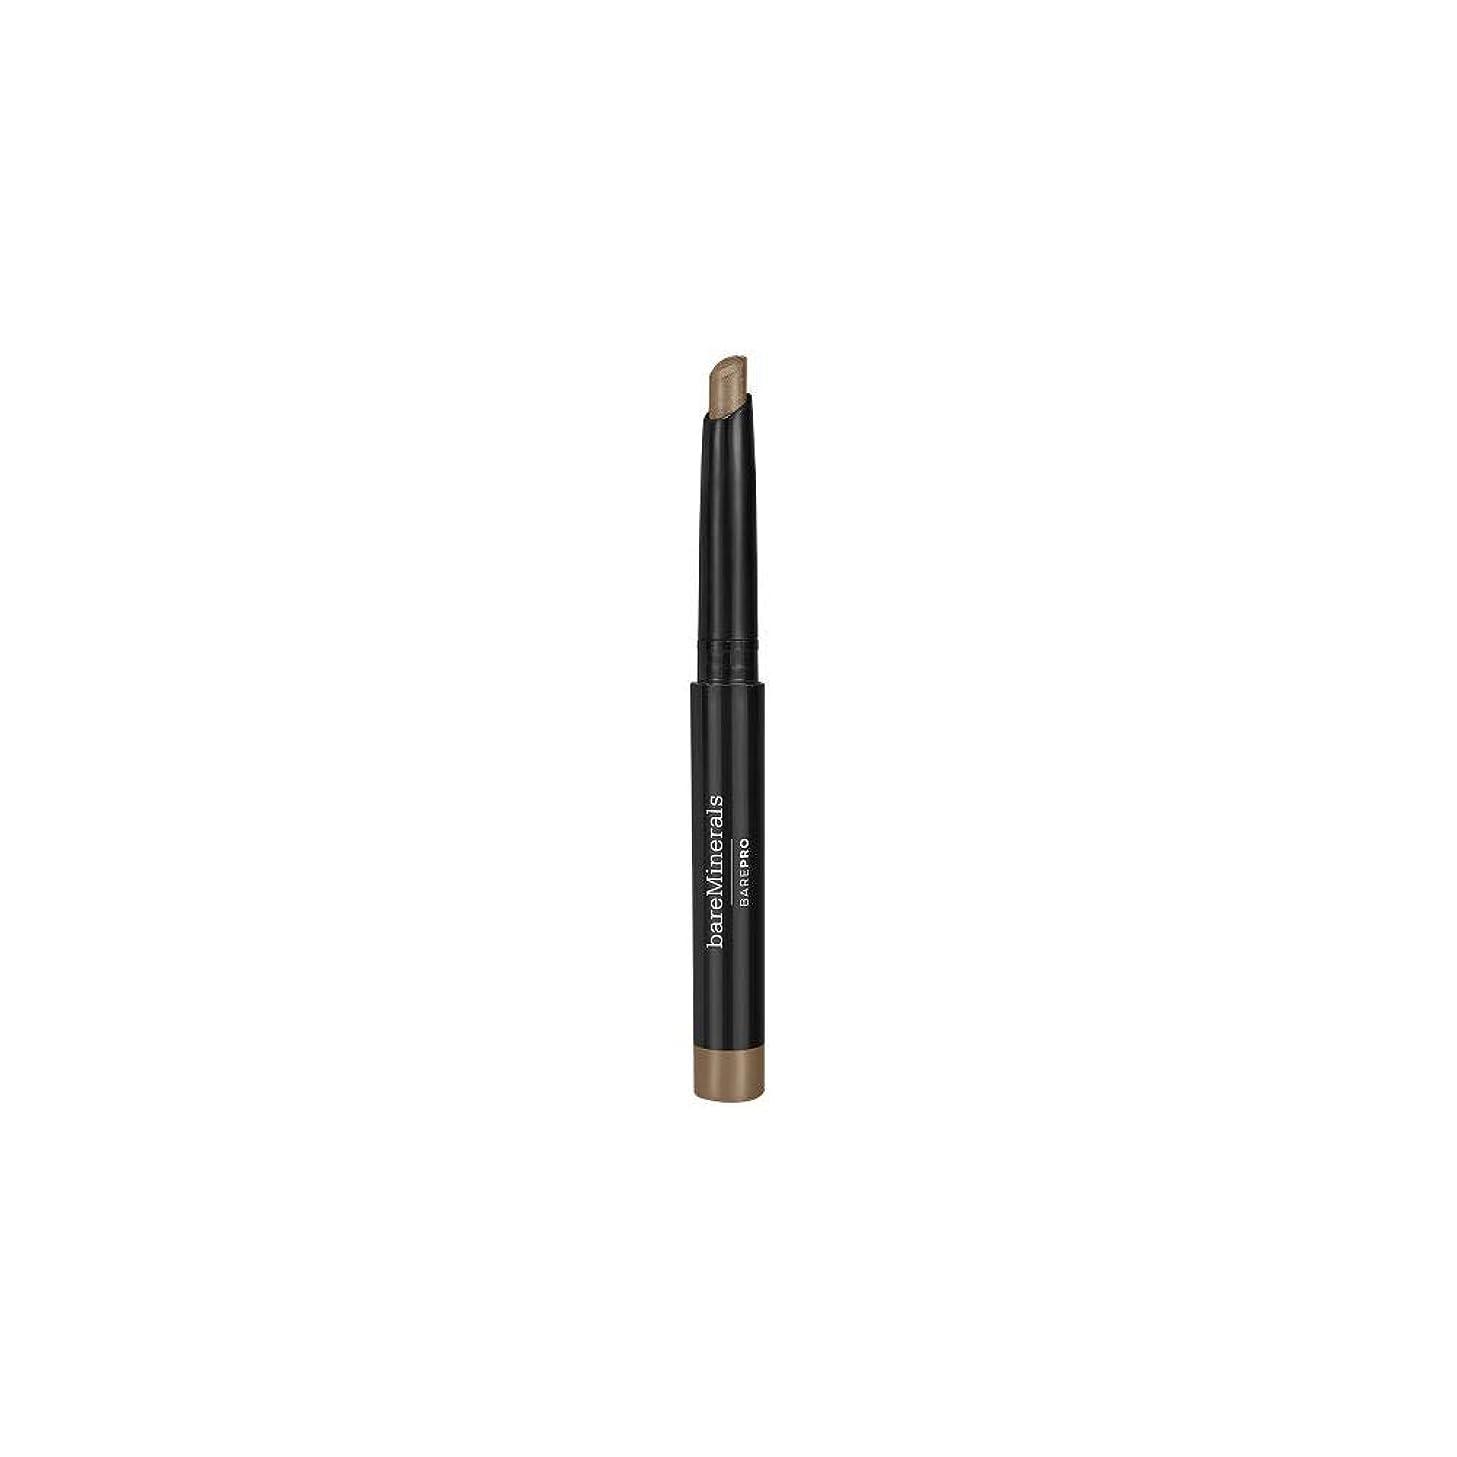 粒謎完全に[bareMinerals ] ベアミネラルBarepro Longwearのアイシャドウスティック1.6グラムスモーキーチャイ - bareMinerals BarePro Longwear Eyeshadow Stick 1.6g Smoky Chai [並行輸入品]